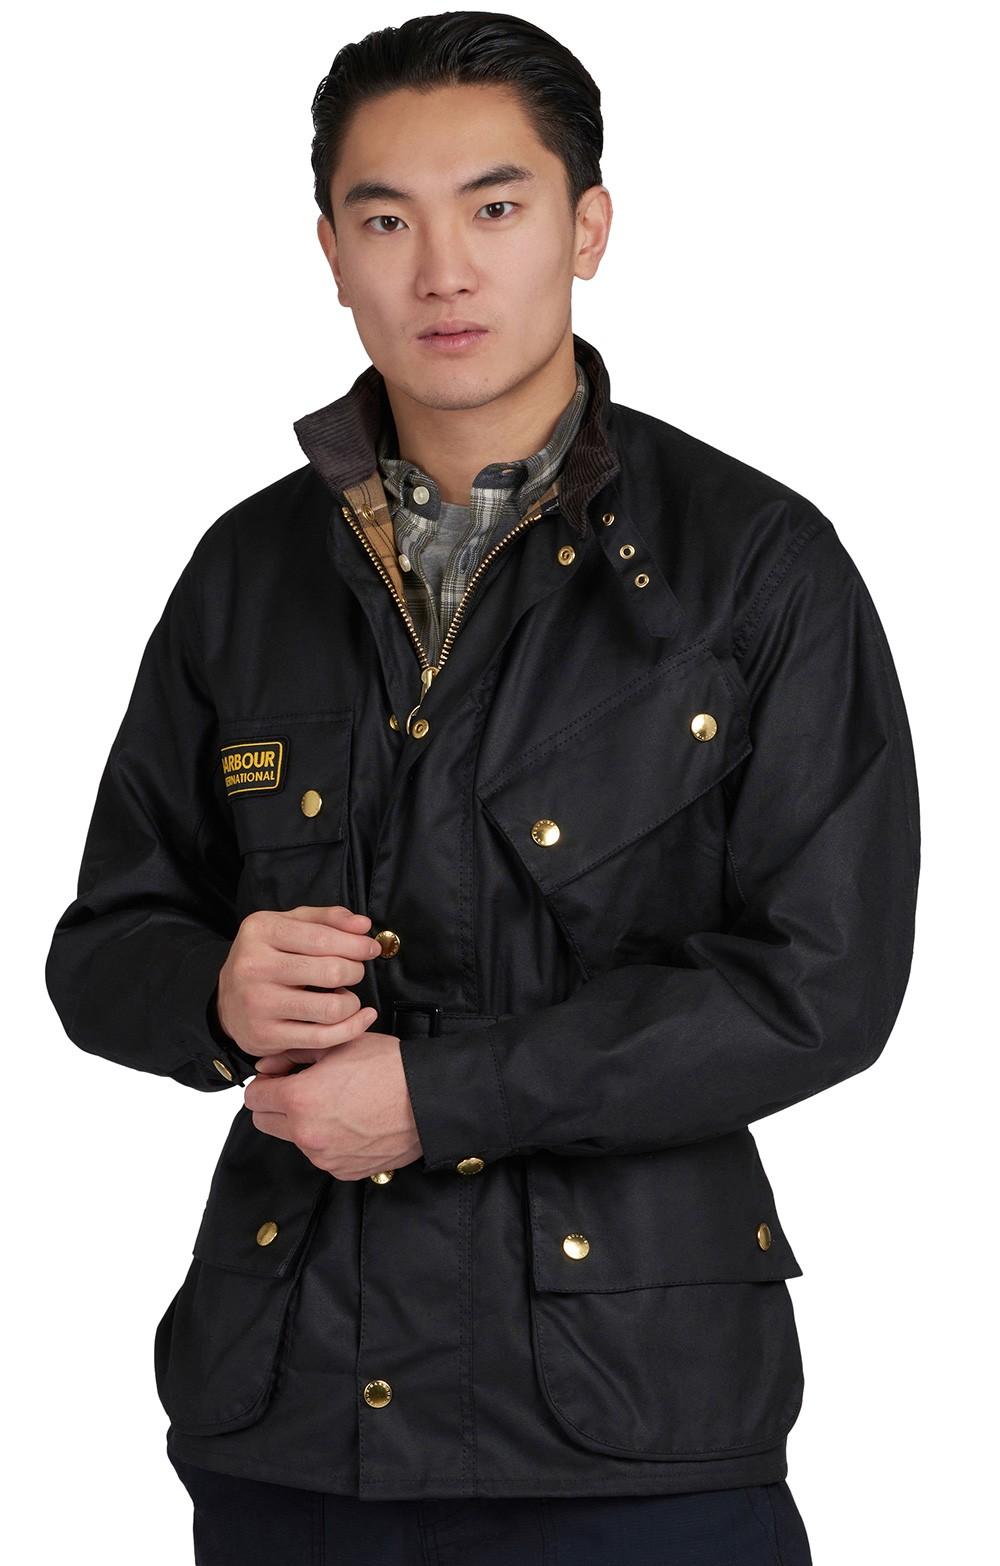 c531eed87cf85 Barbour International Jacket | Barbour | House Of Bruar